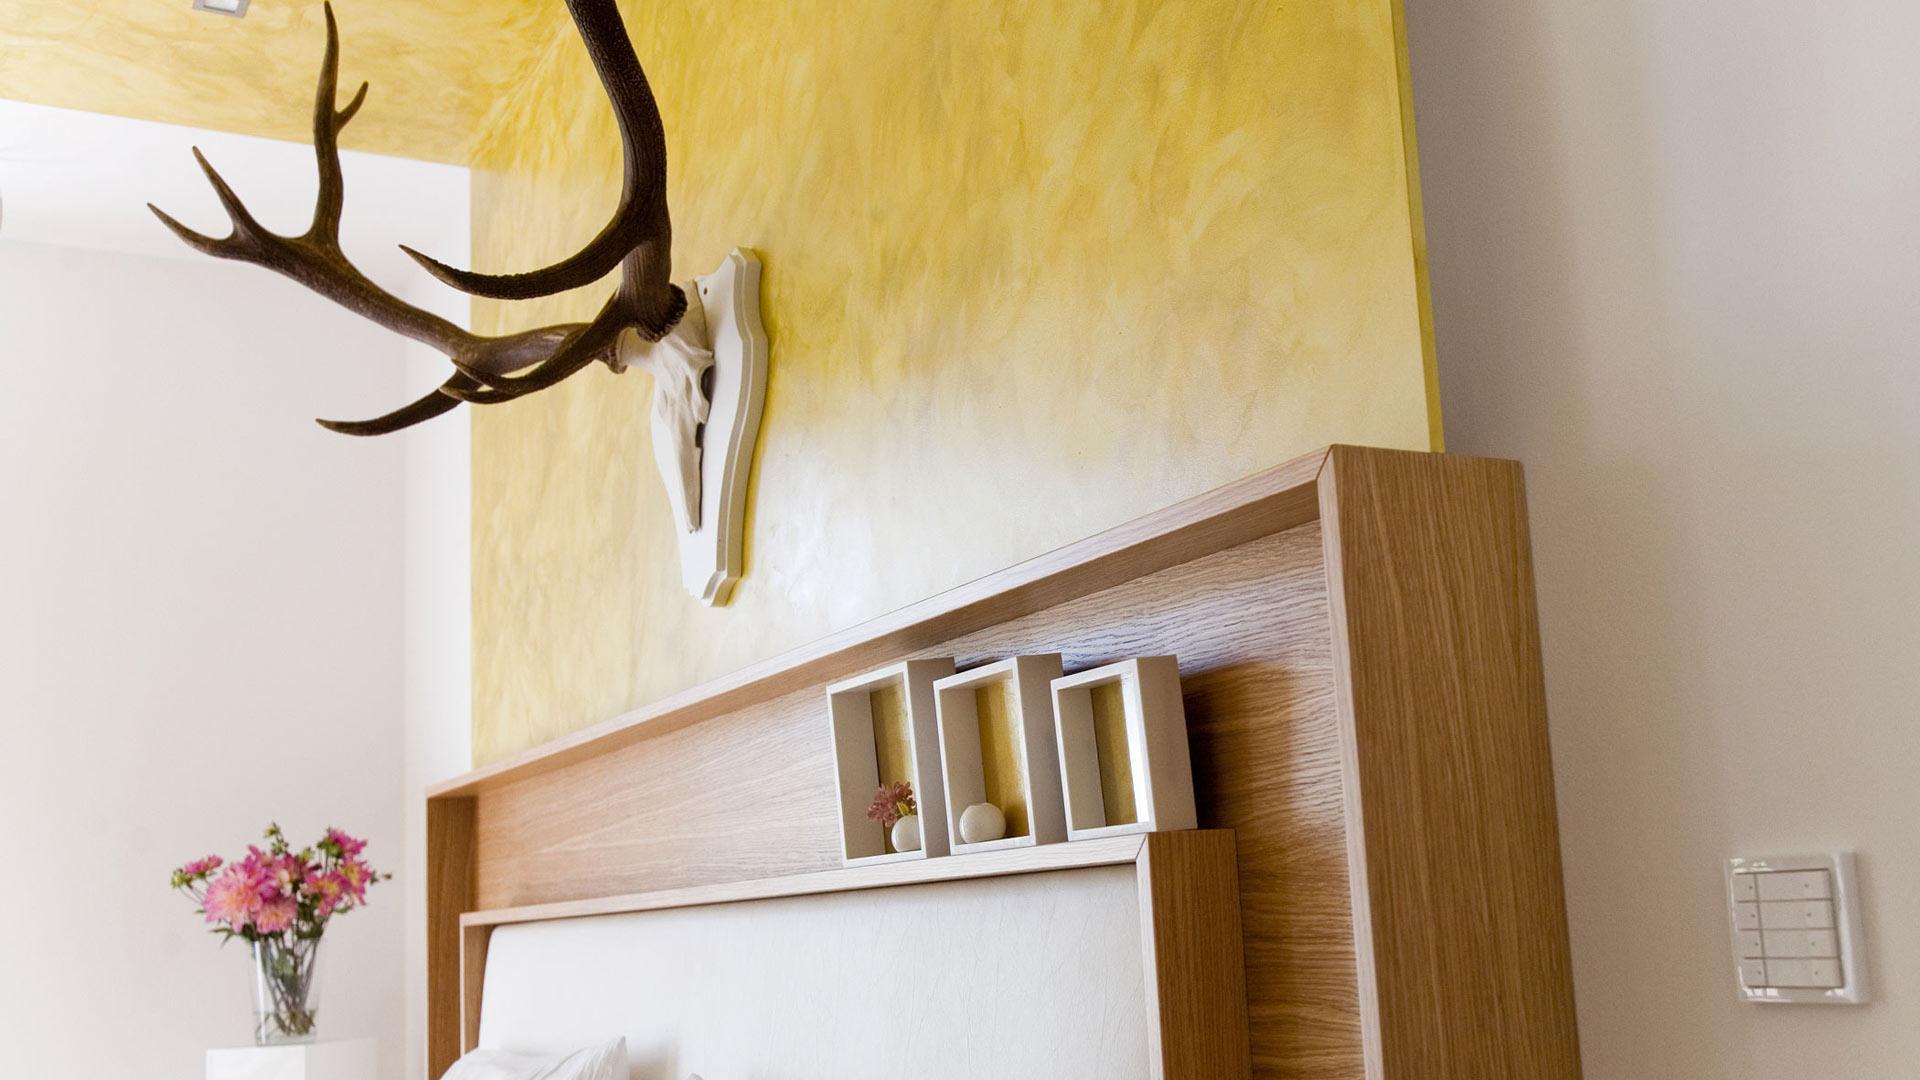 Schlafzimmer Innenausbau Interieur Tischlerei Freund 01